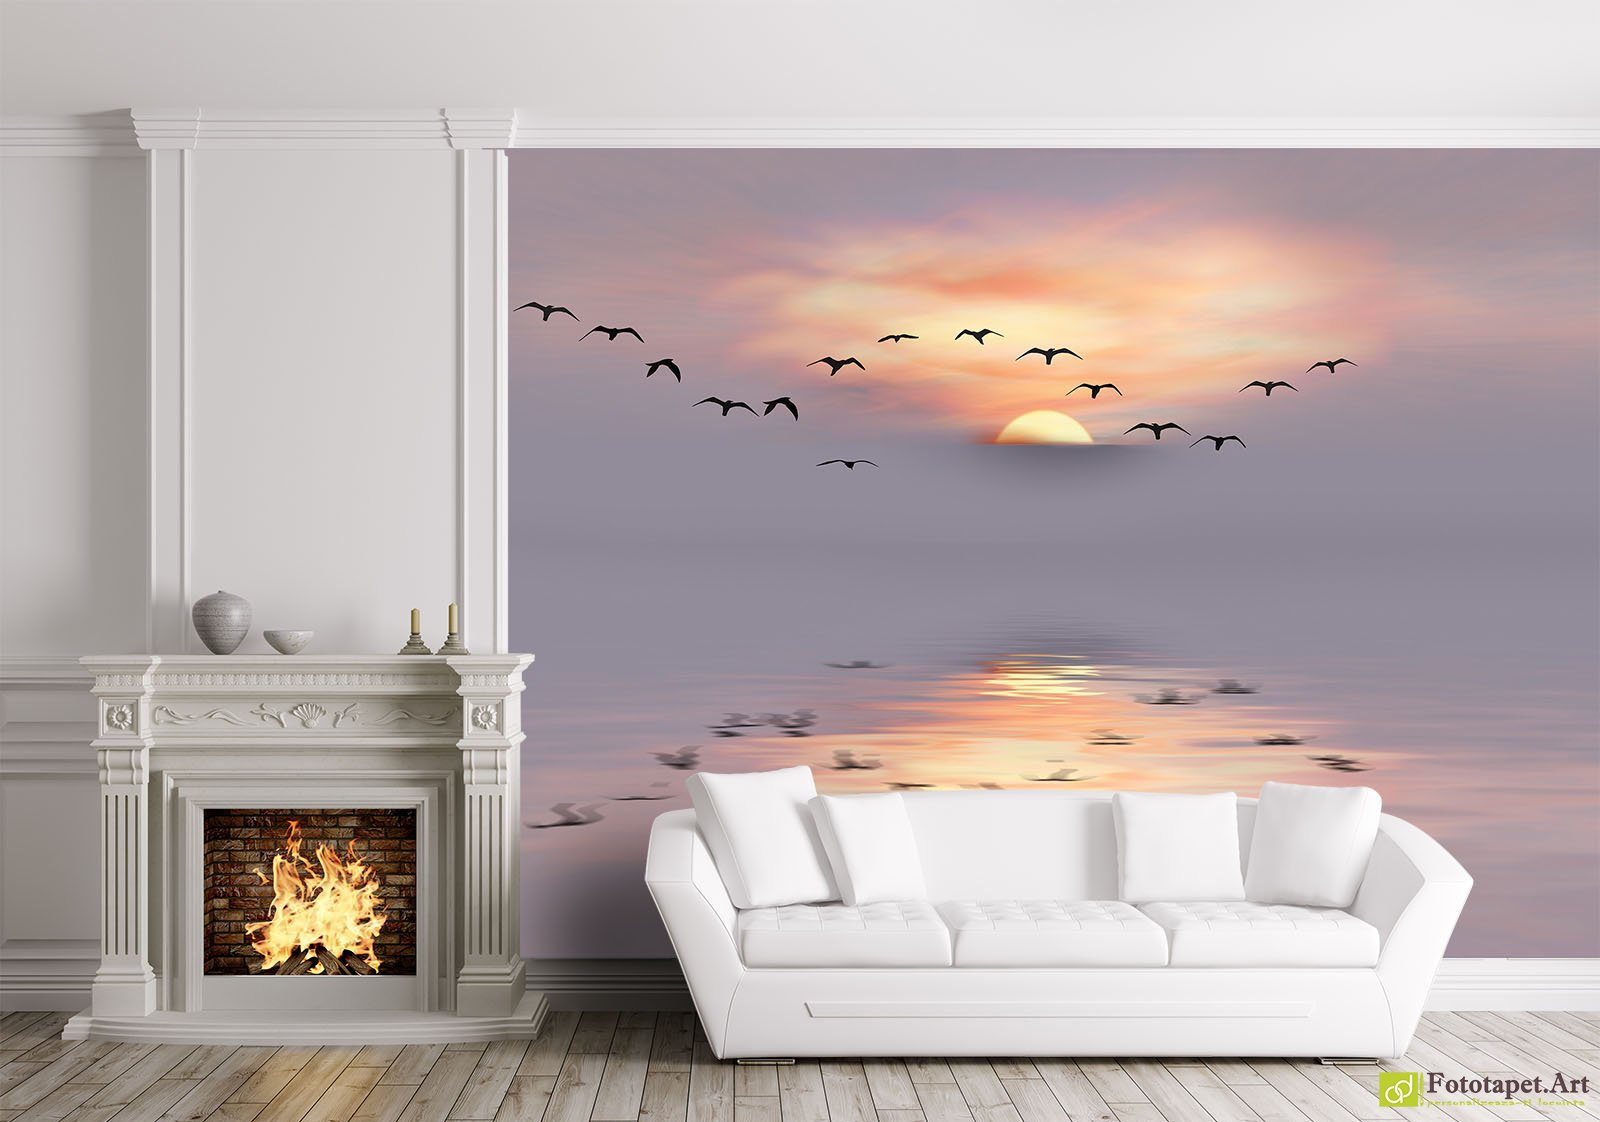 Nature Wallpaper Wall Murals Sea Sunset Fototapetart